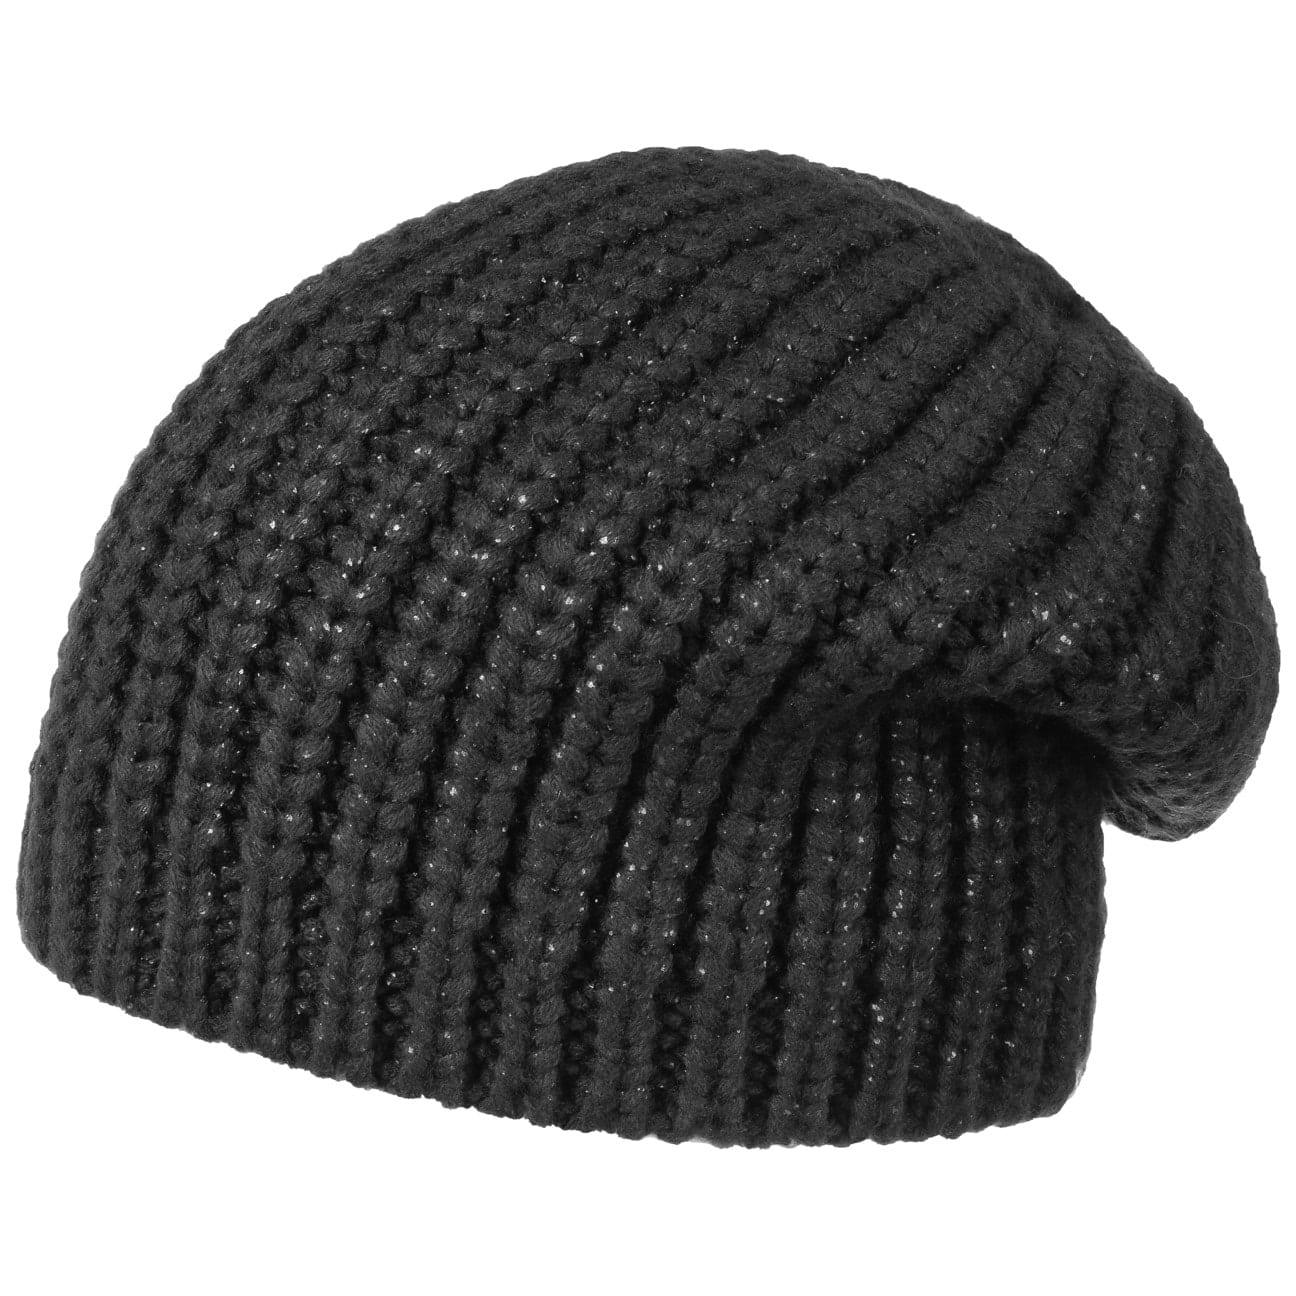 Bonnet Metallic Coated Beanie by Converse  bonnet pour l`hiver